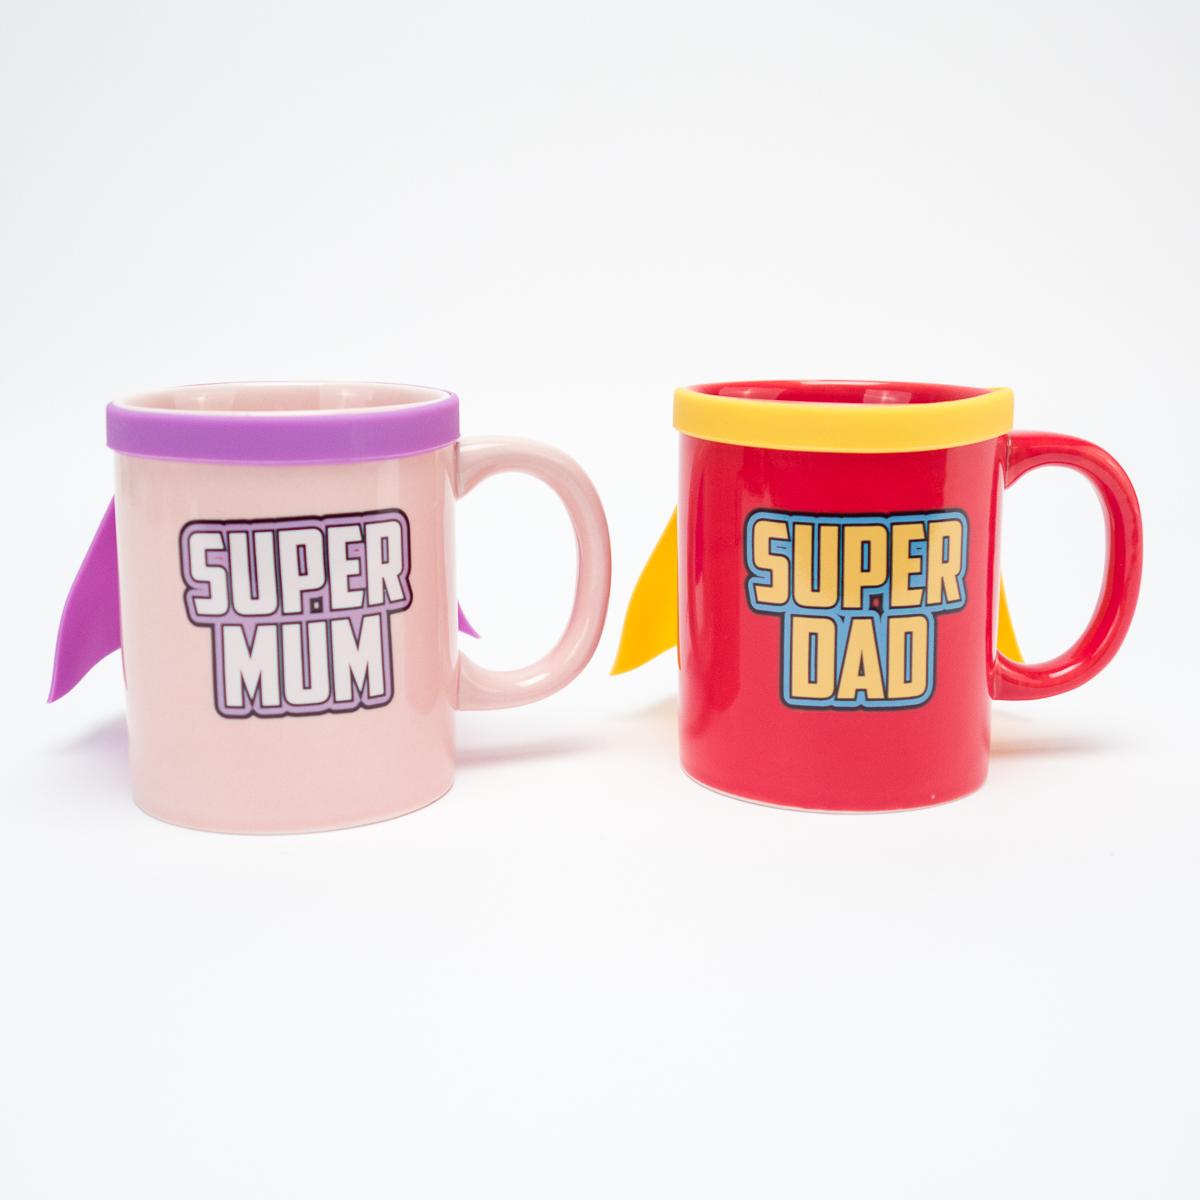 Super Mum Super Dad Tasse Super Dad